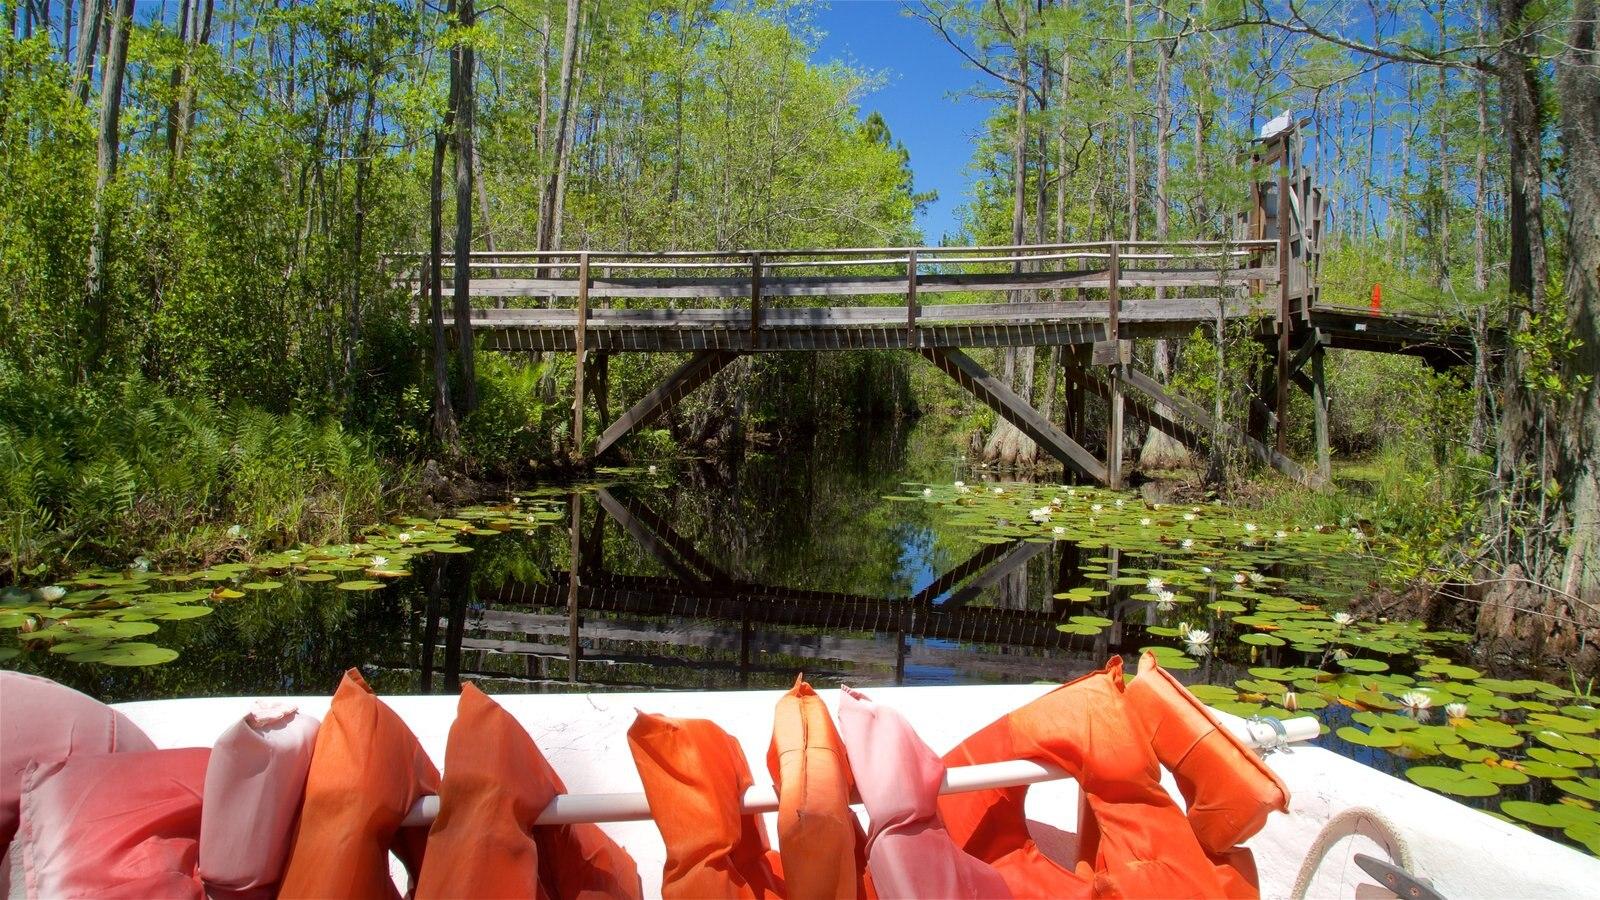 Parque Okefenokee Swamp mostrando un río o arroyo, bosques y flores silvestres